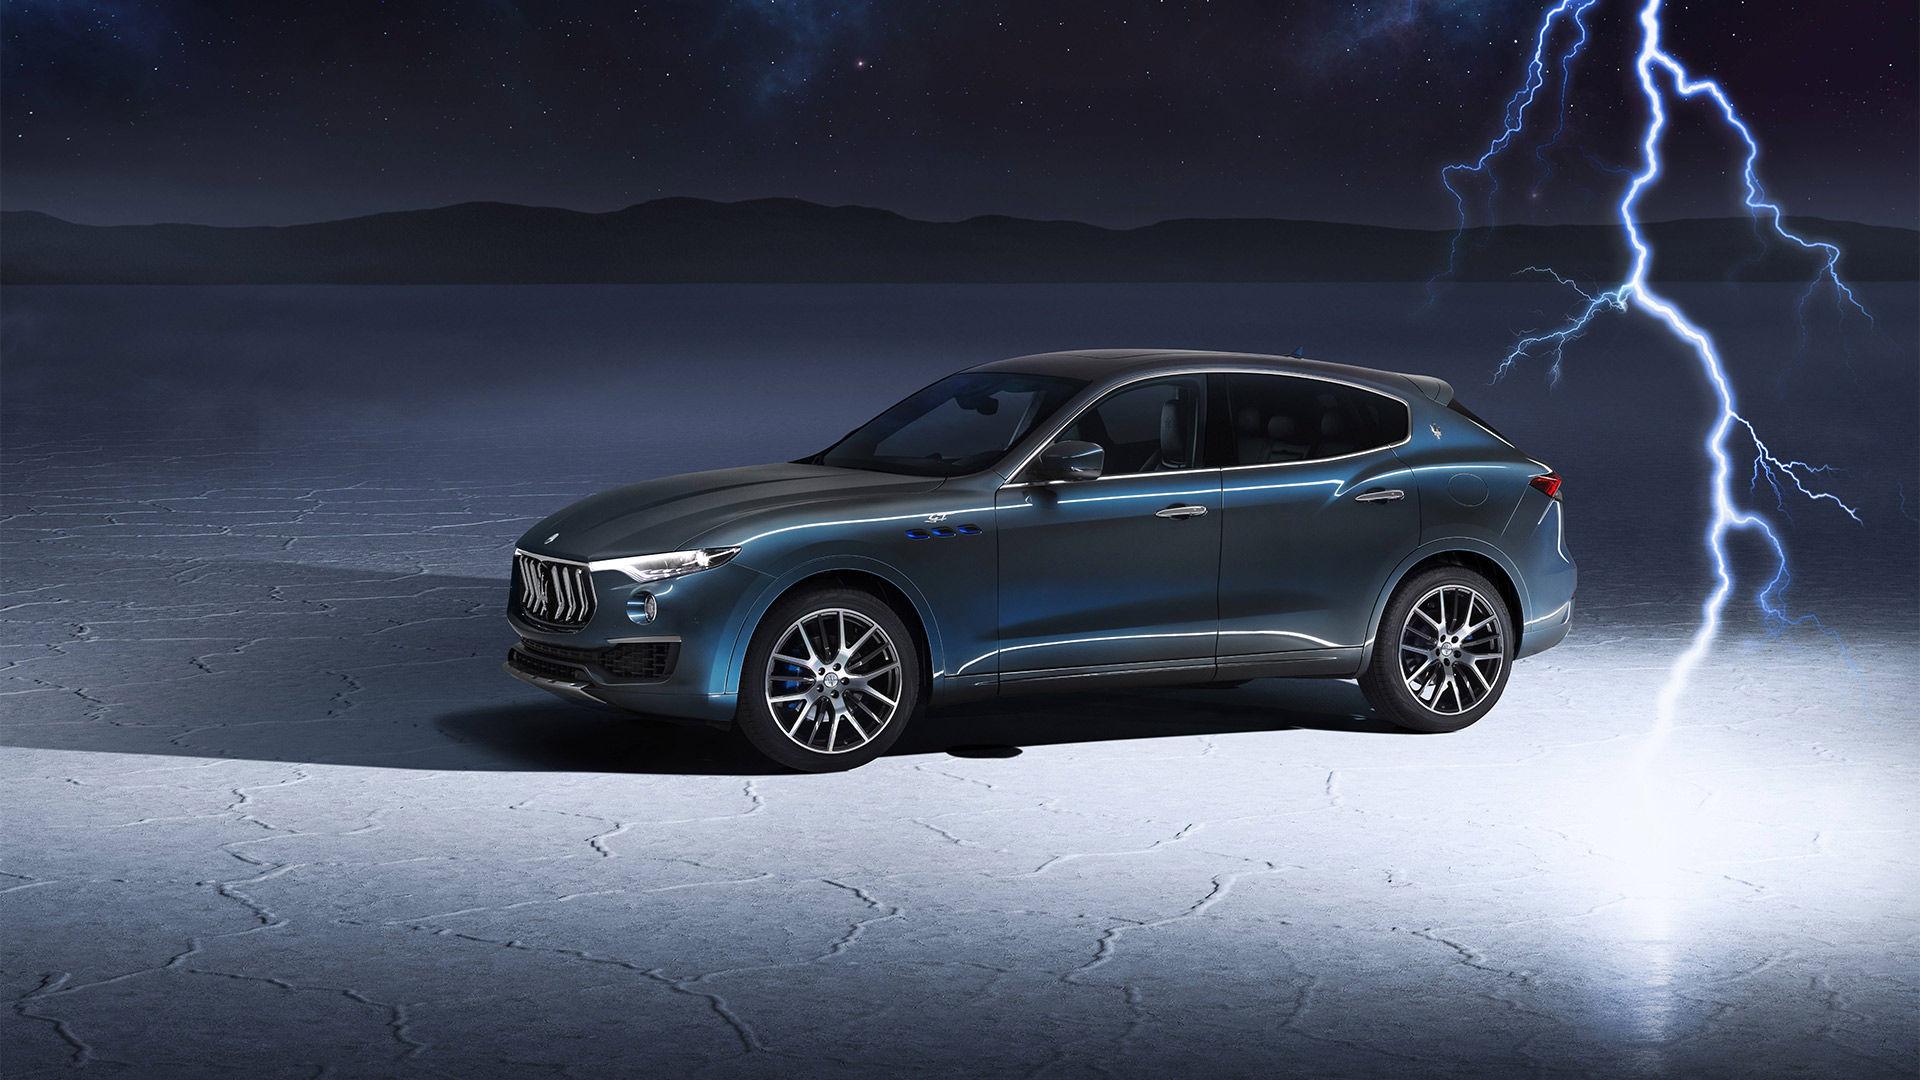 Maserati's neuer Hybrid SUV: der Levante Hybrid